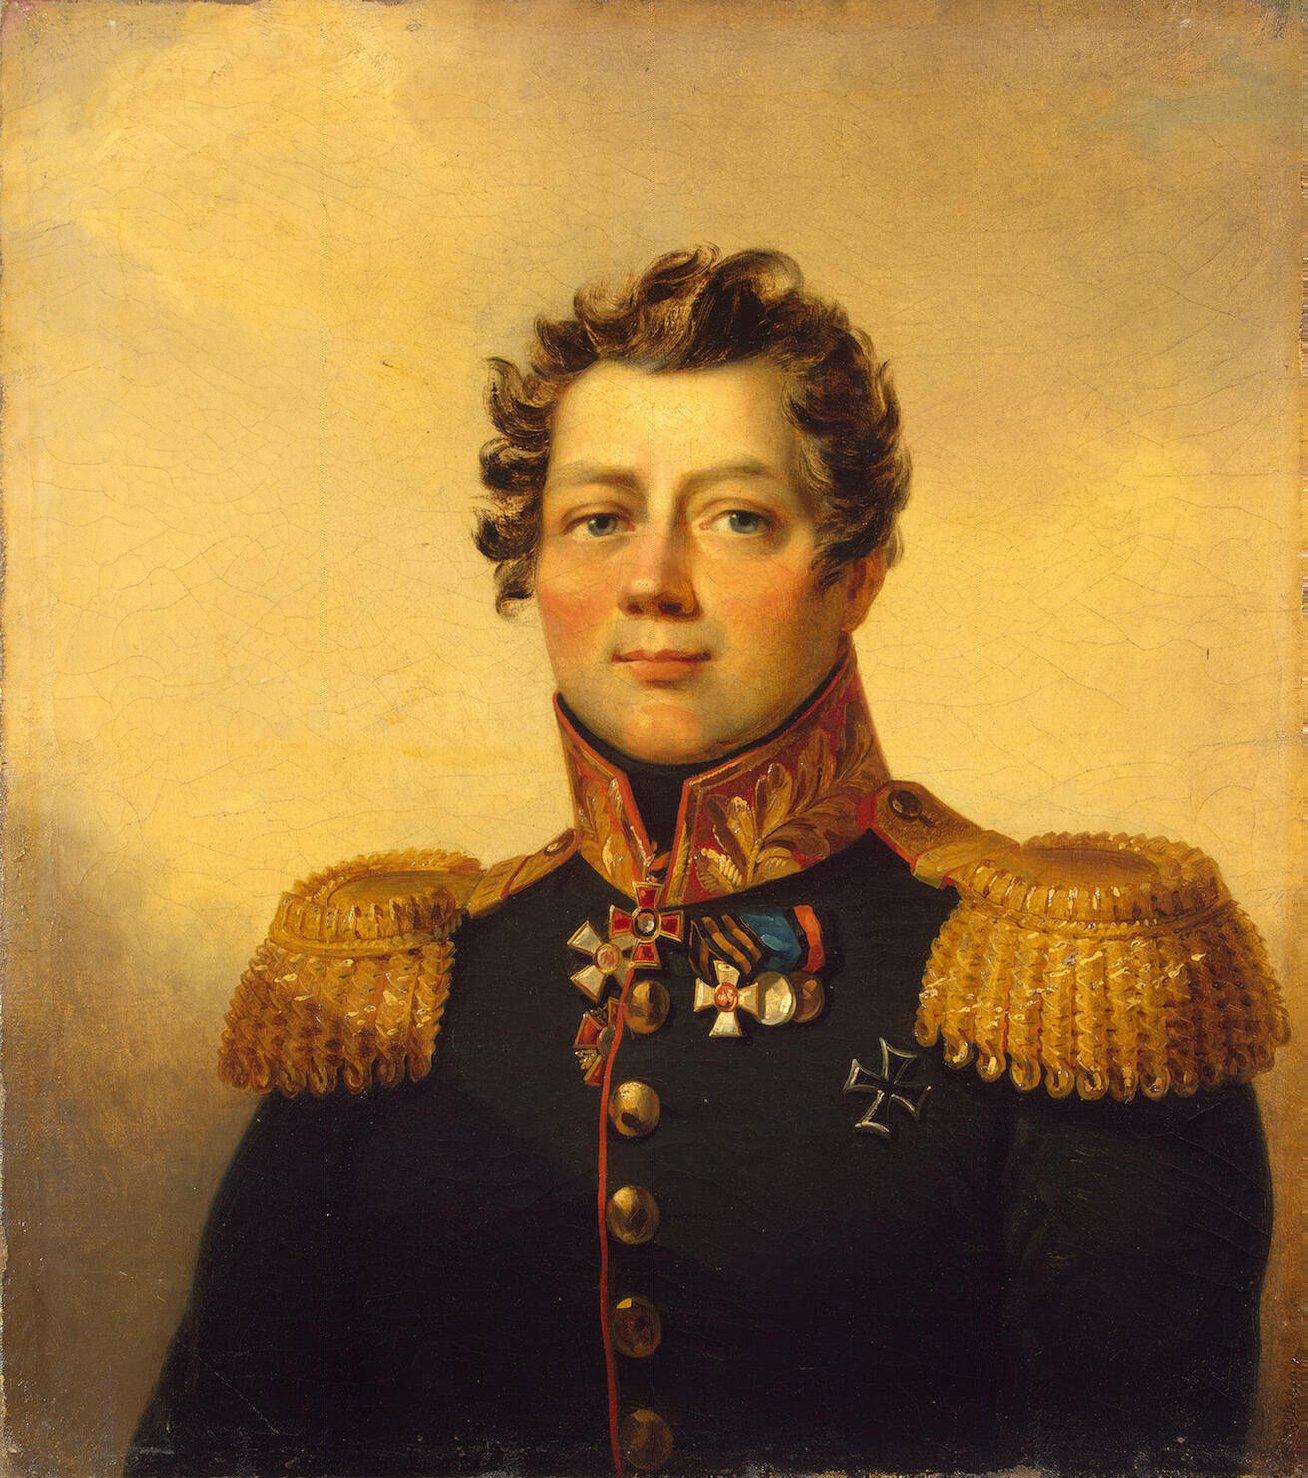 Протасов, Алексей Андрианович